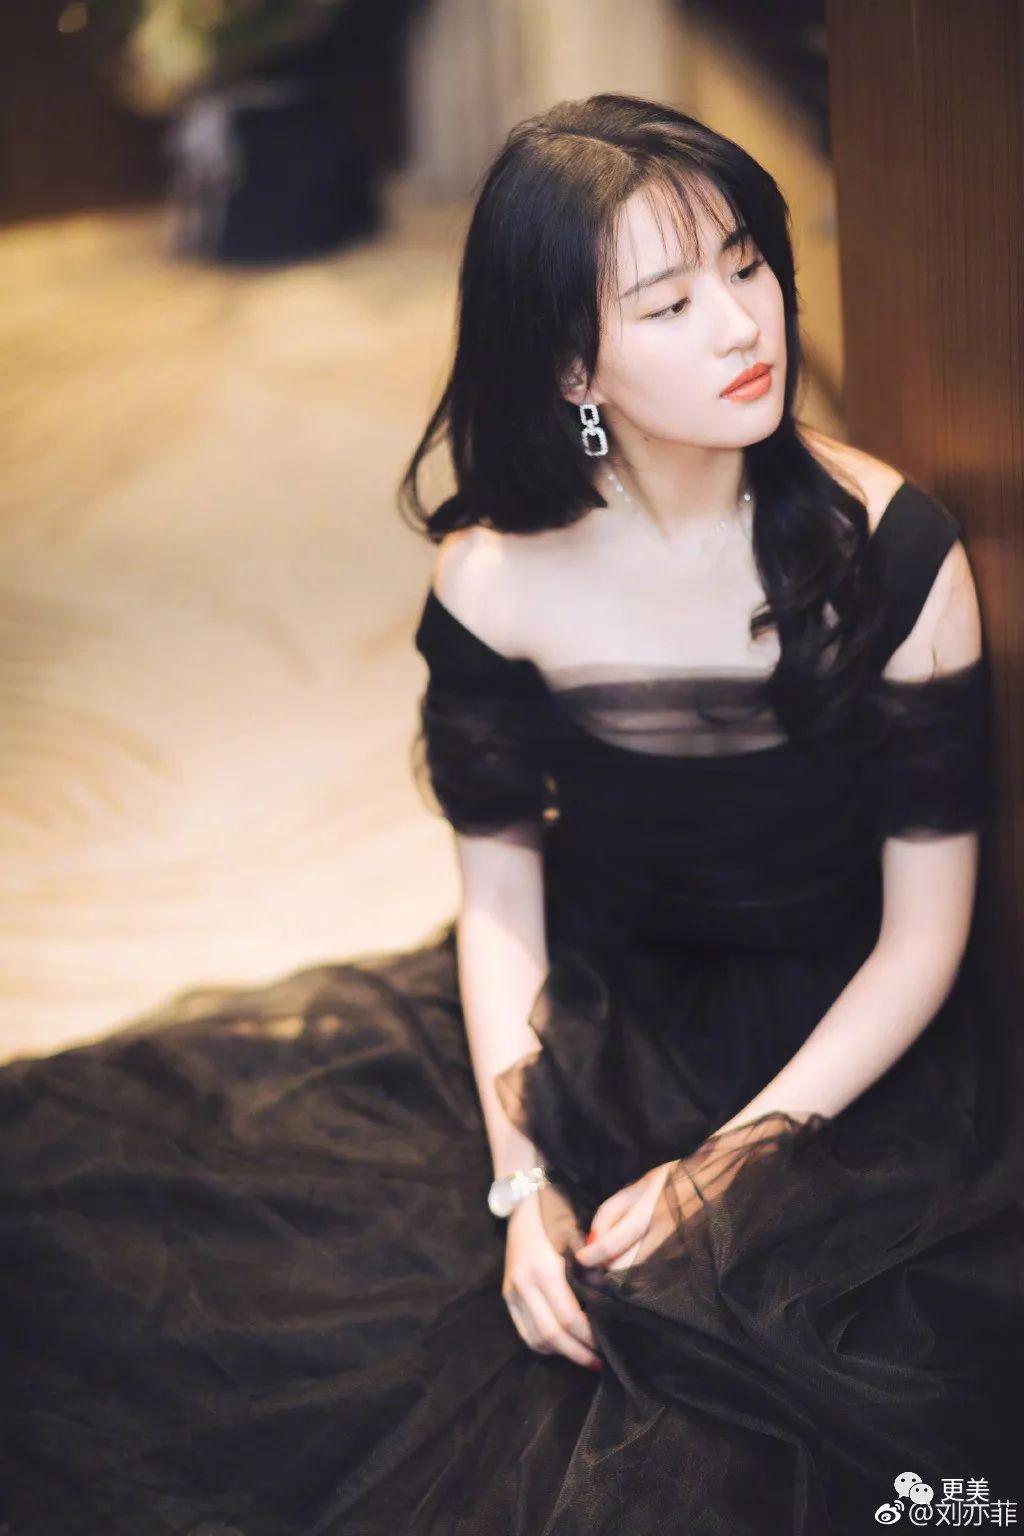 插刘亦菲逼_傍上刘亦菲金主的她逼天仙退出娱乐圈?